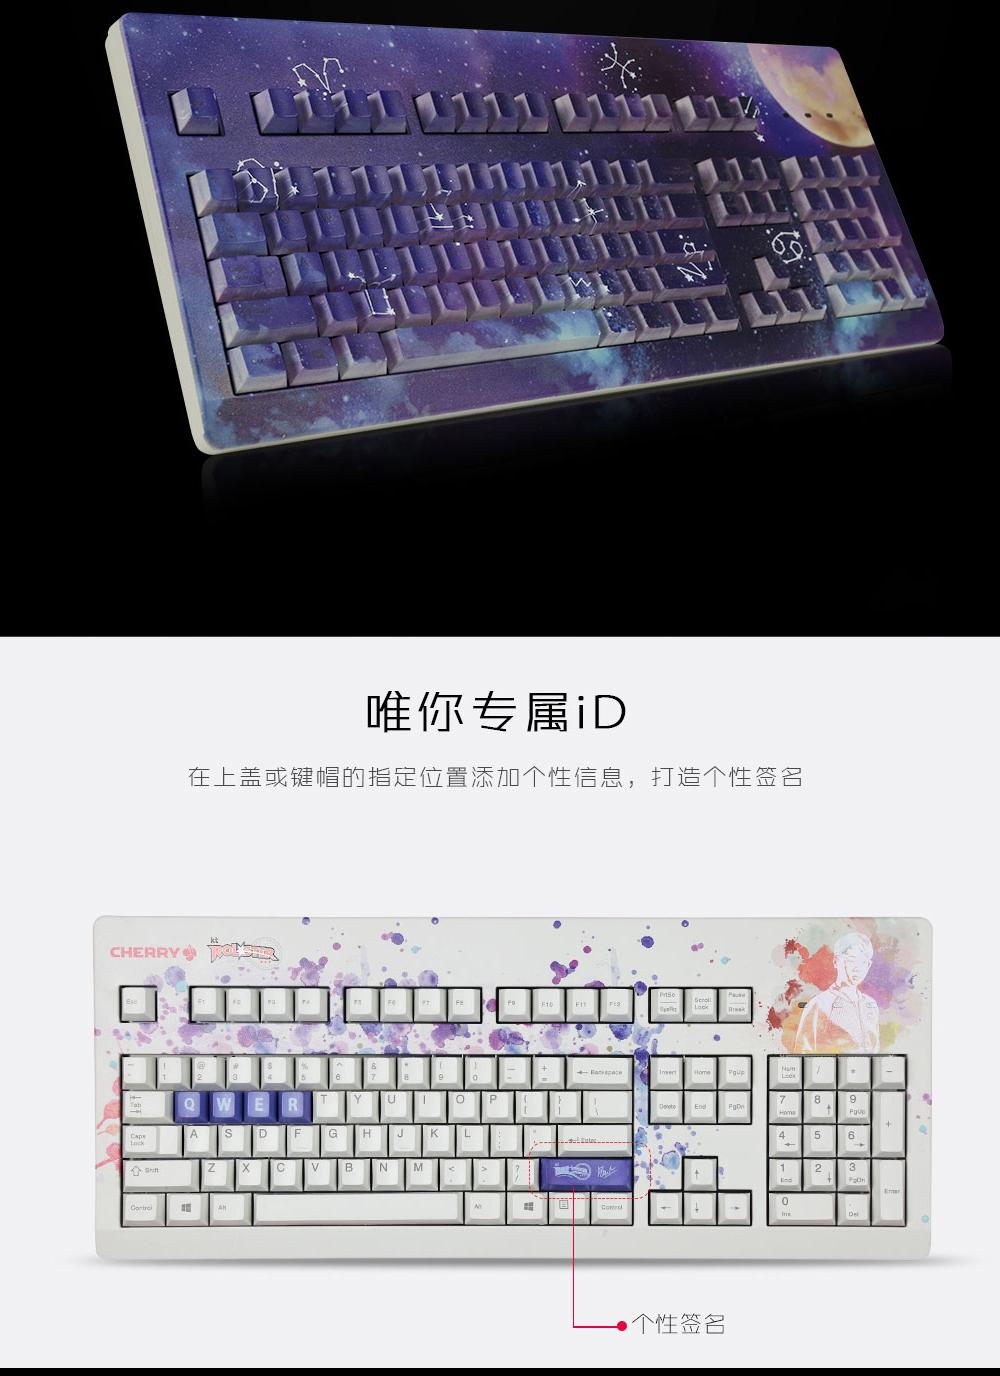 定制键盘详情_04.jpg